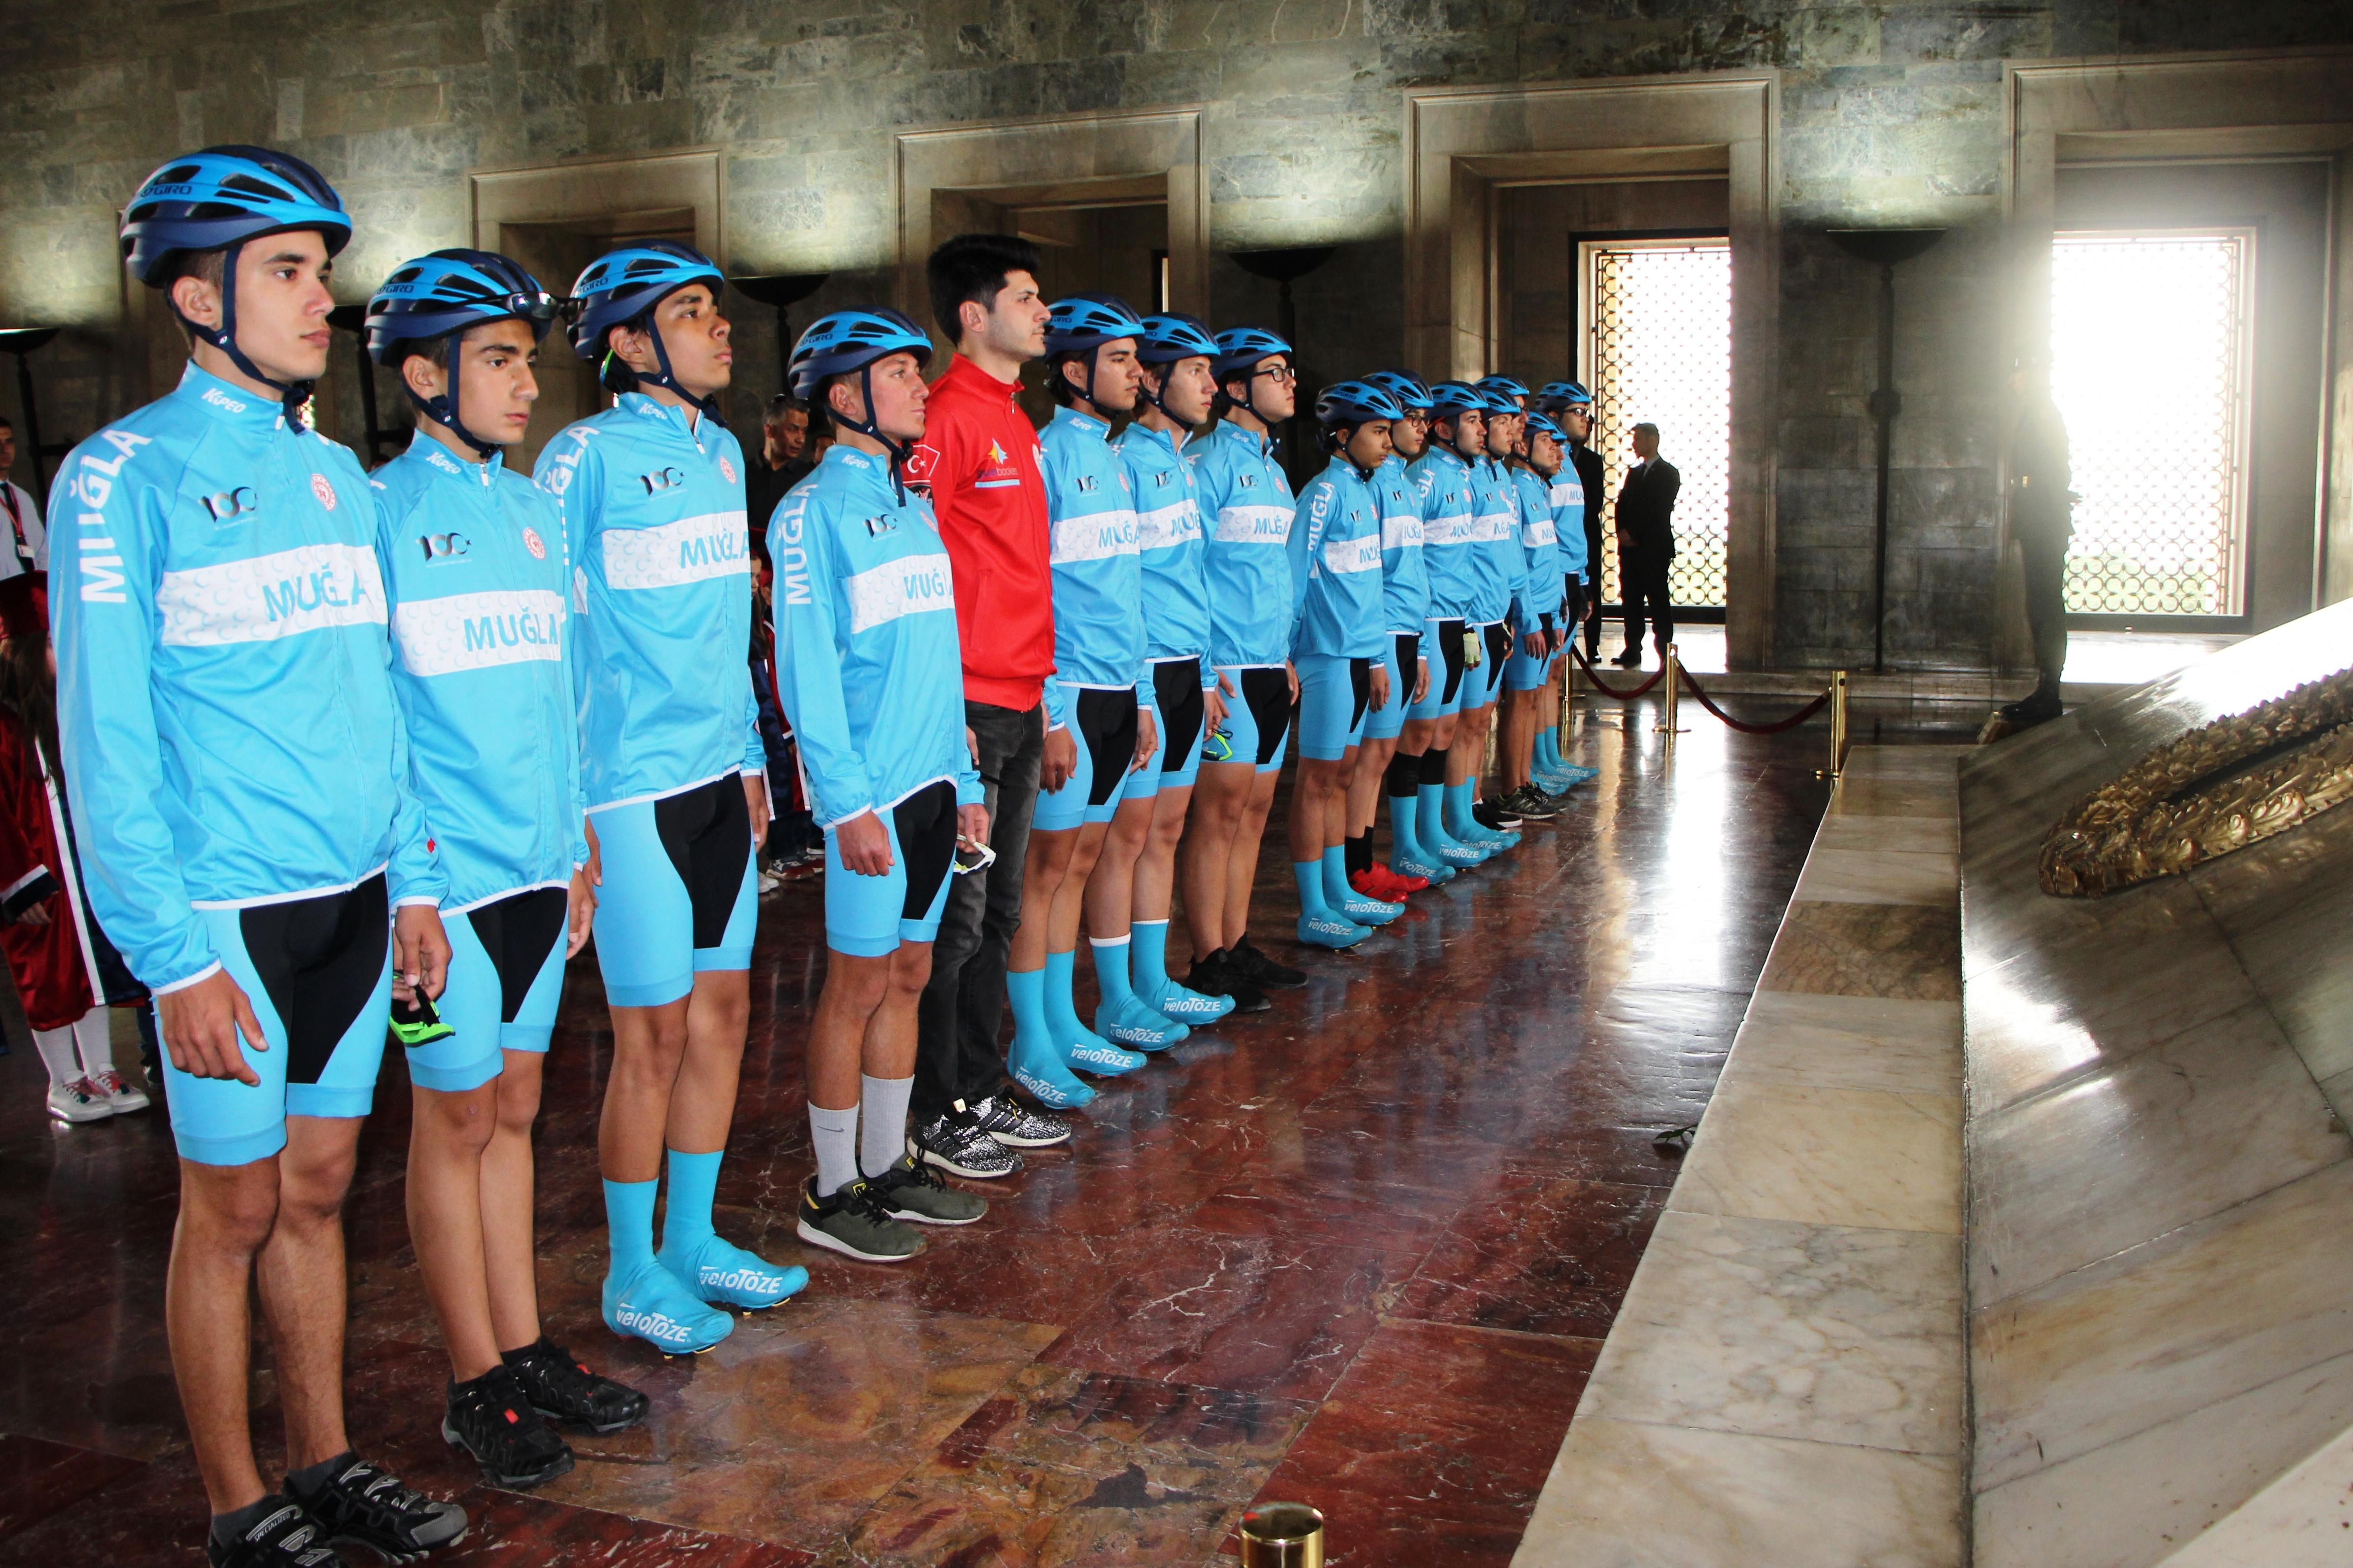 türkiye bisiklet federasyonu MUĞLALI BİSİKLETÇİLER ANITKABİR'İ ZİYARET ETTİLER… mugla bisiklet samsun ankara 1